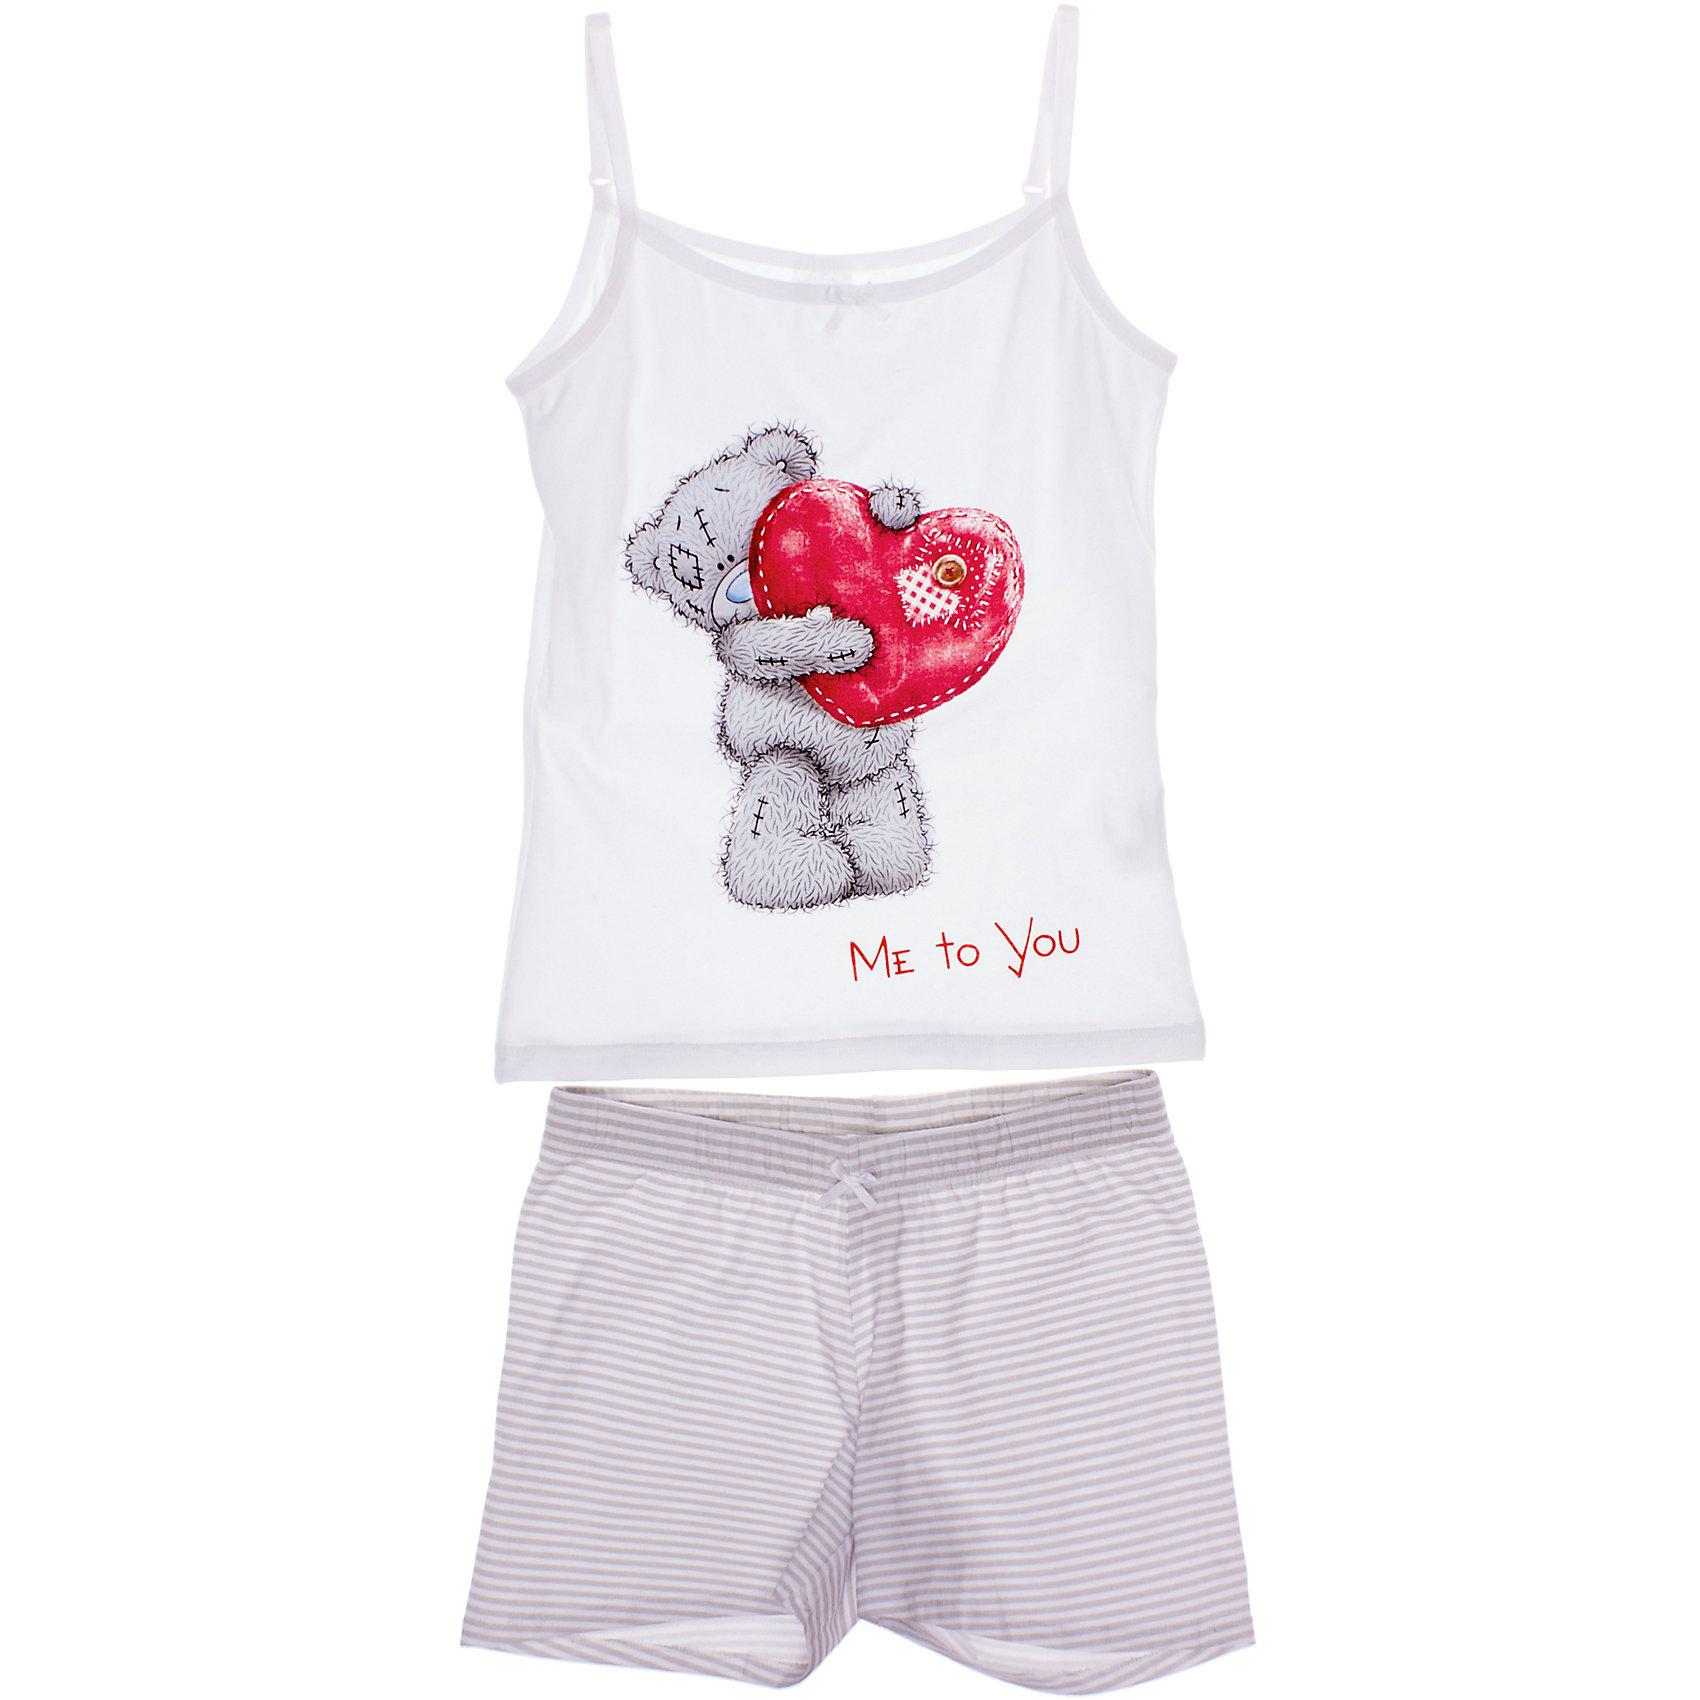 S'cool Комплект: майка и шорты для девочки S'Cool комплект топ майка и шорты relax mode комплект топ майка и шорты